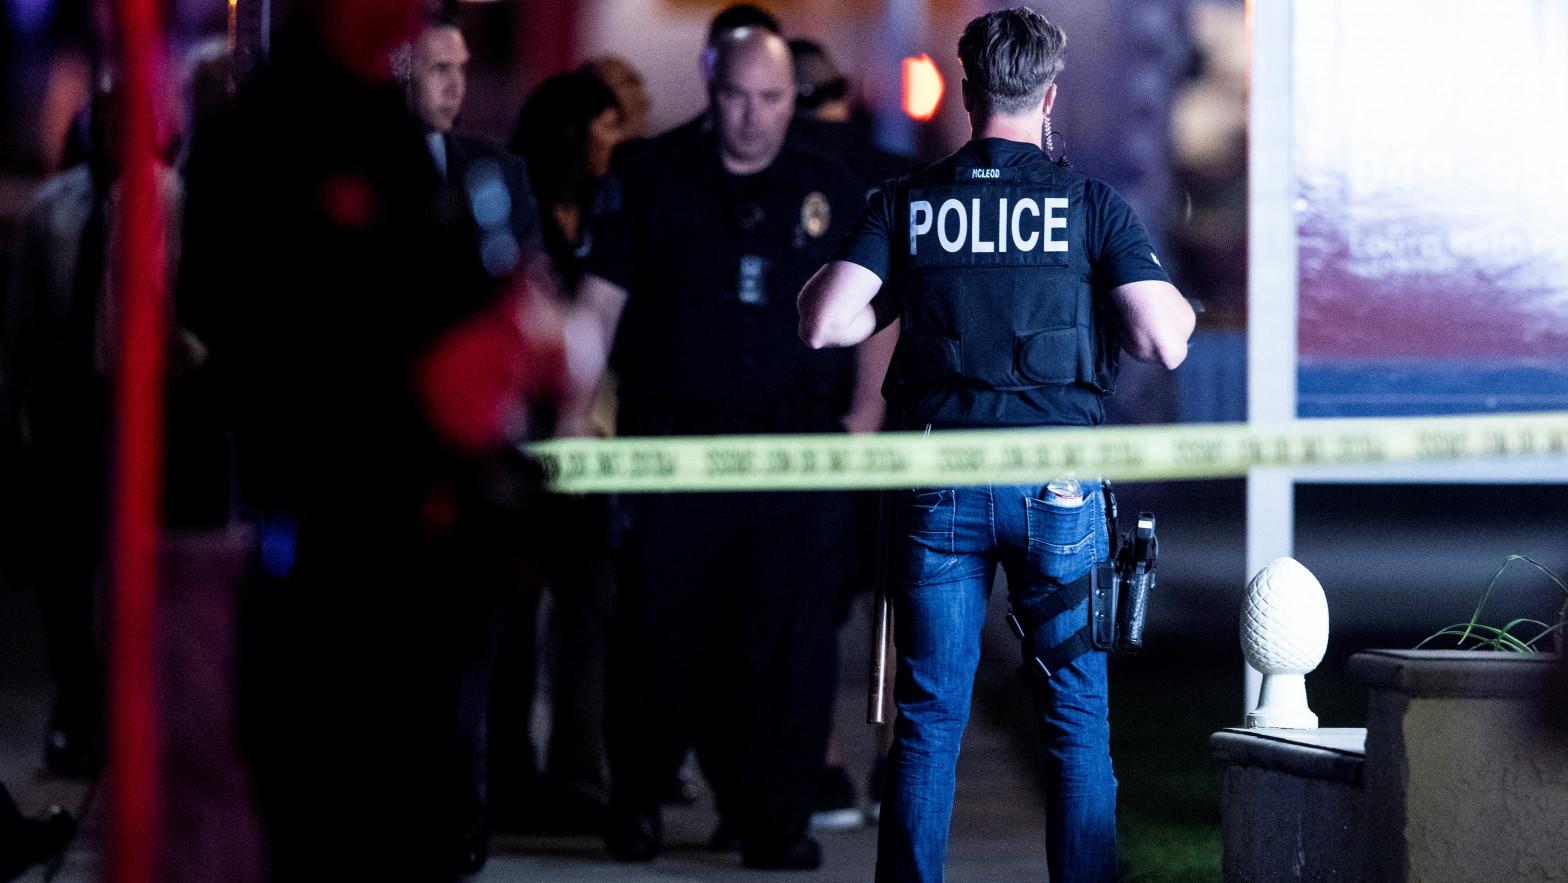 Tiroteo en edificio de oficinas deja 4 muertos y 2 heridos — California